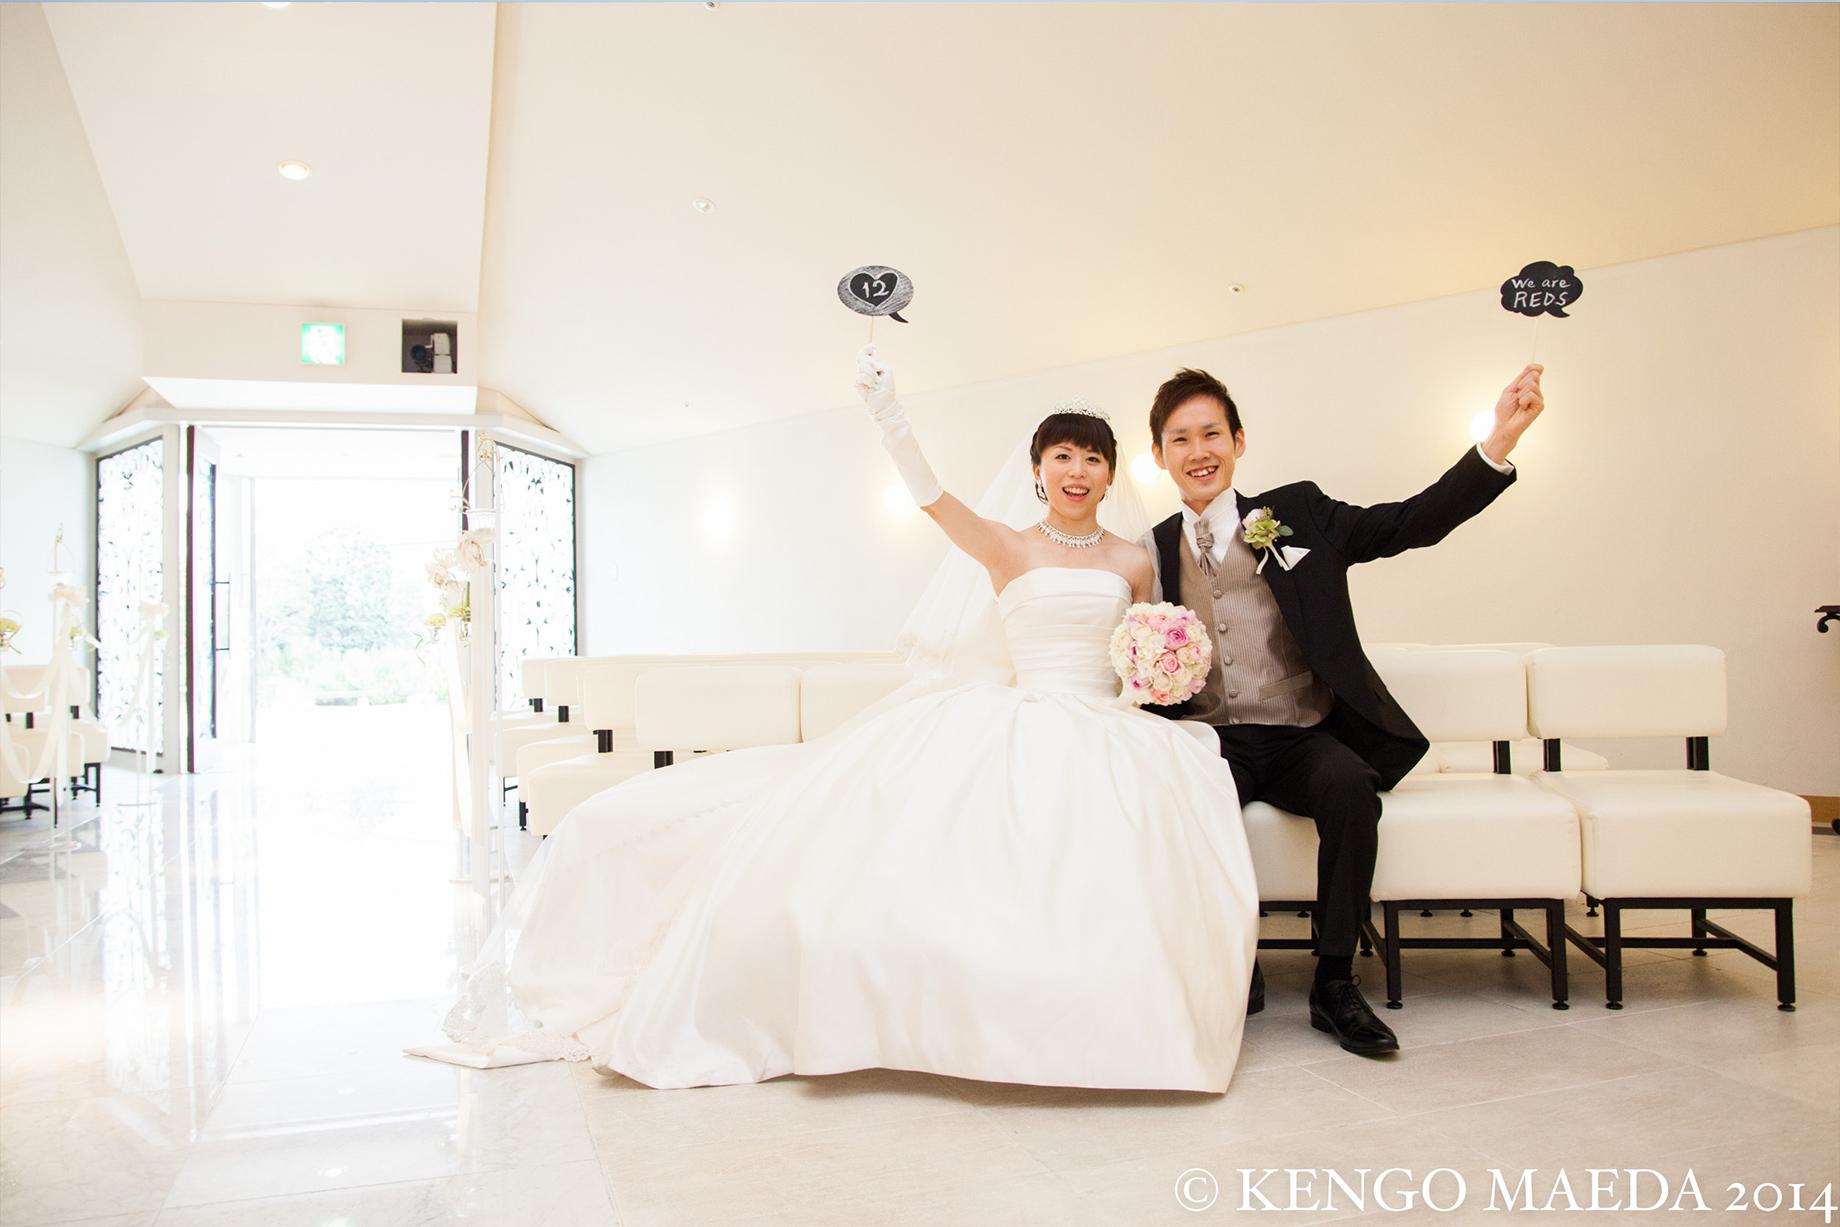 L-CLIP 結婚写真 お客様の声 H様夫妻 05